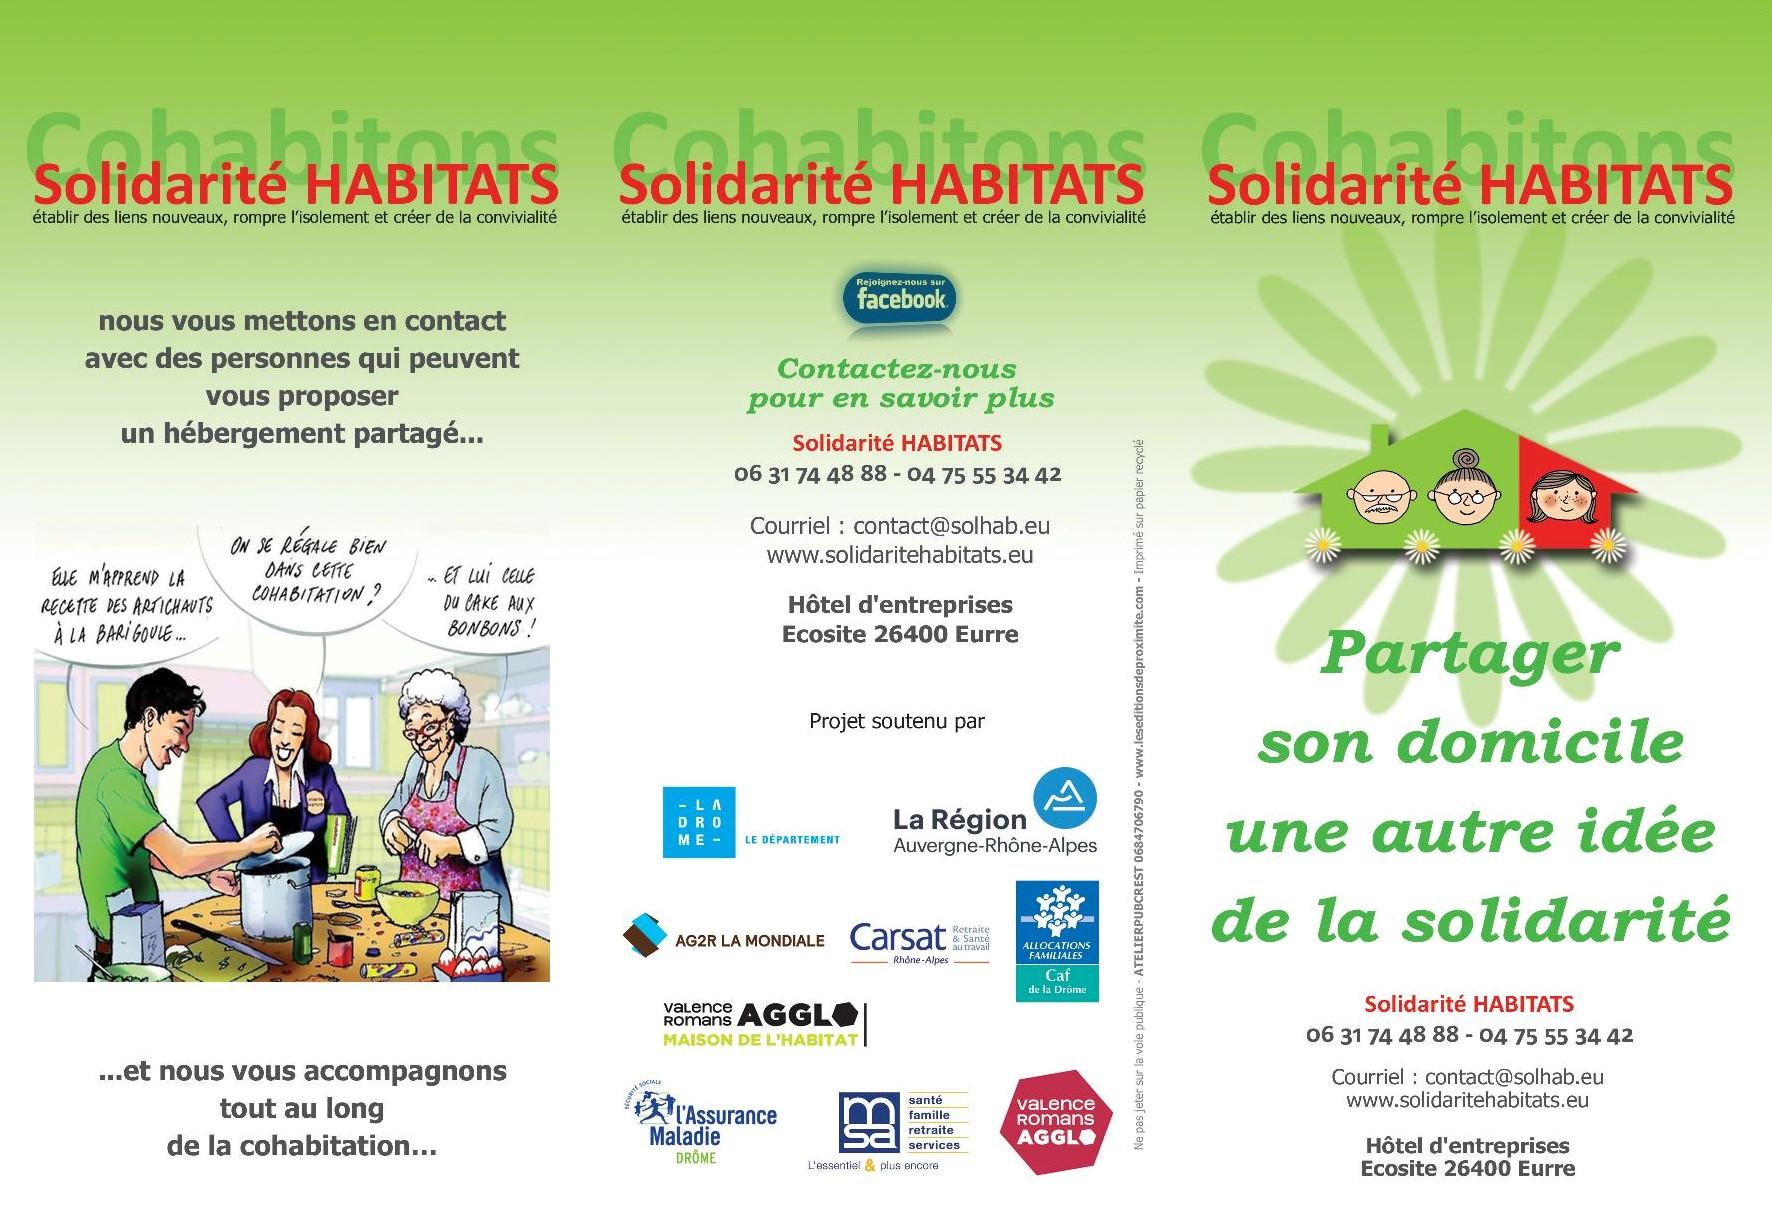 Plaquette A4 SolidariteHABITATS 2019 recto-page-001 _1_.jpg